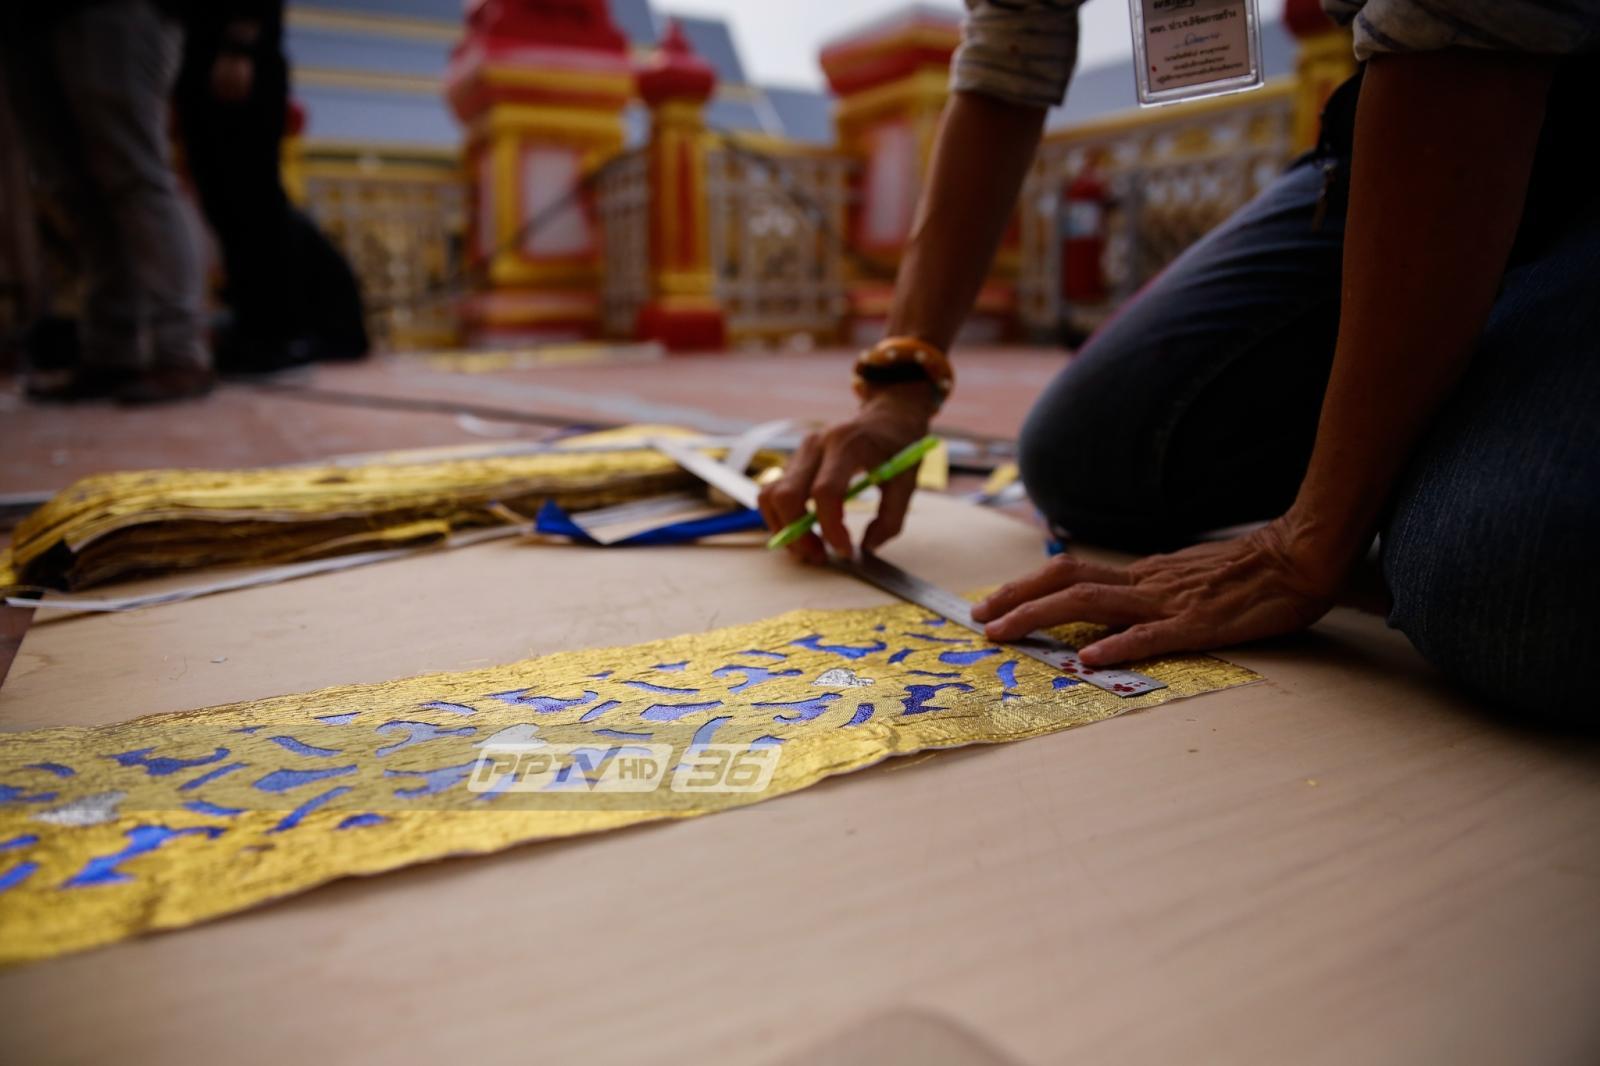 ภาพรวมก่อสร้างพระเมรุมาศ อาคารประกอบคืบหน้ากว่าร้อยละ 70